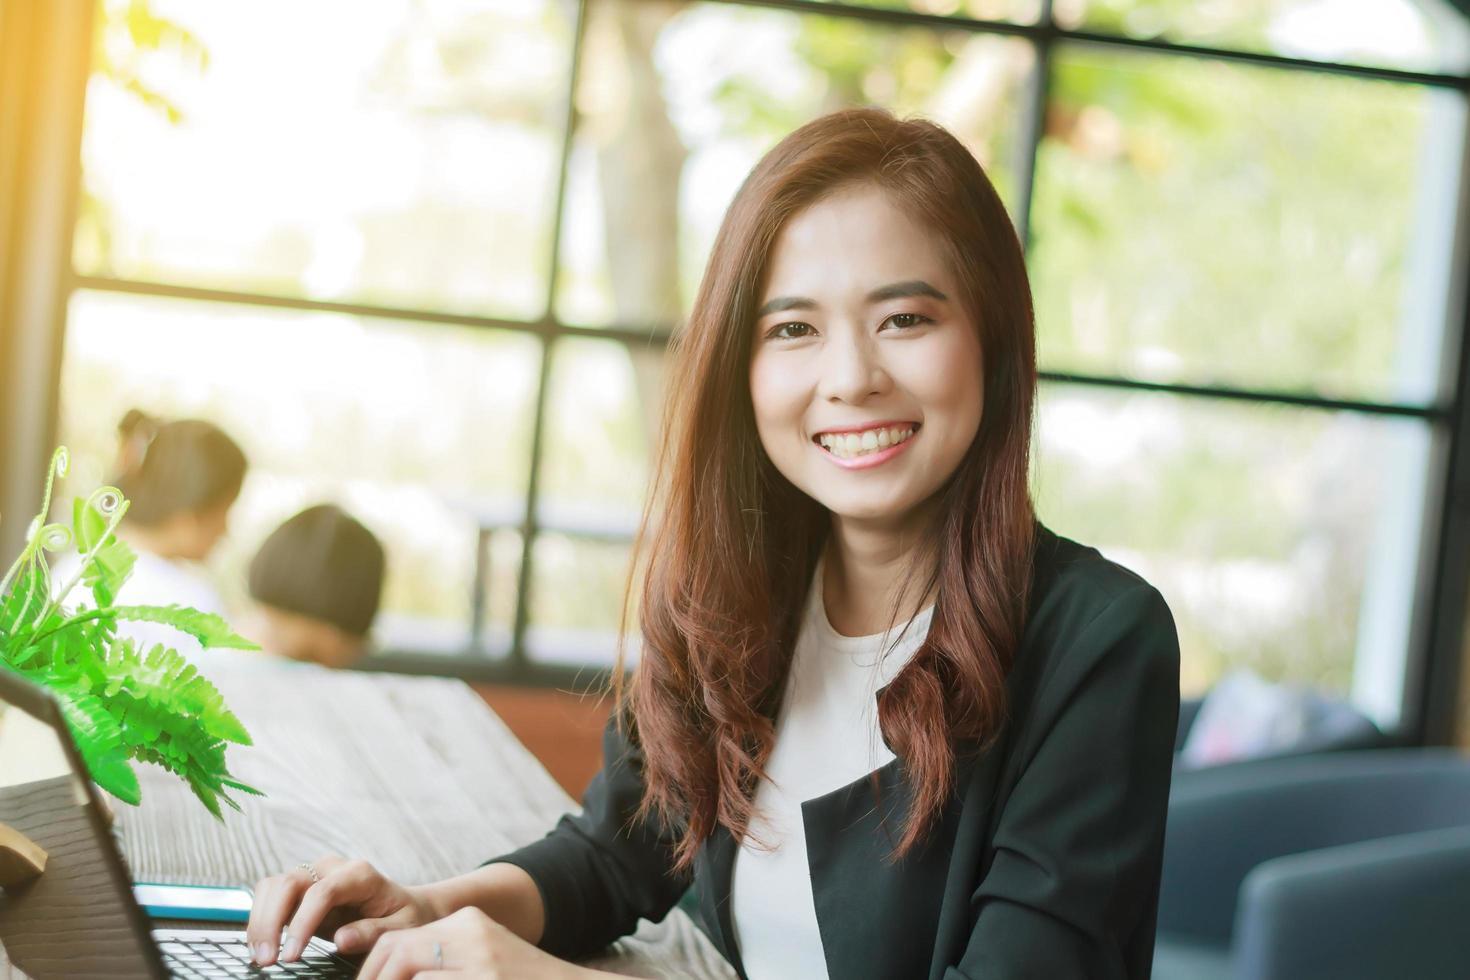 asiatische Geschäftsfrauen lächeln foto